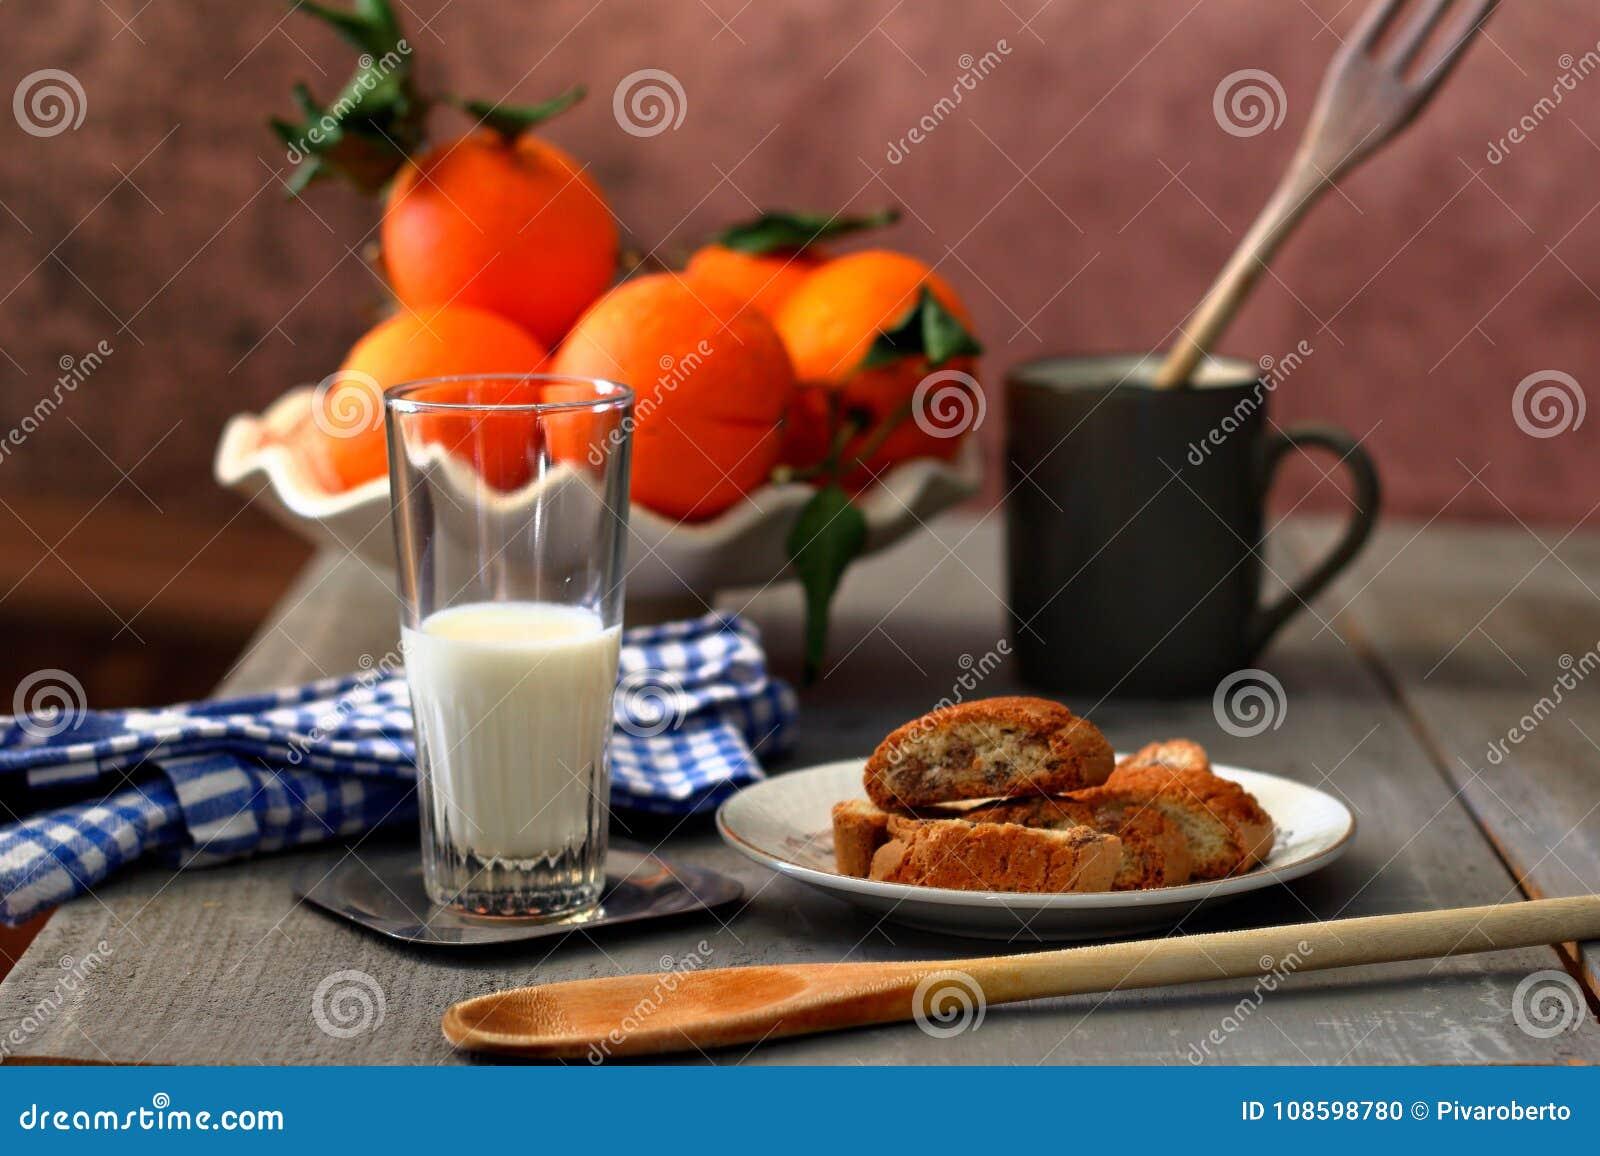 Italiaans ontbijt met melk, koekjes en sinaasappelen